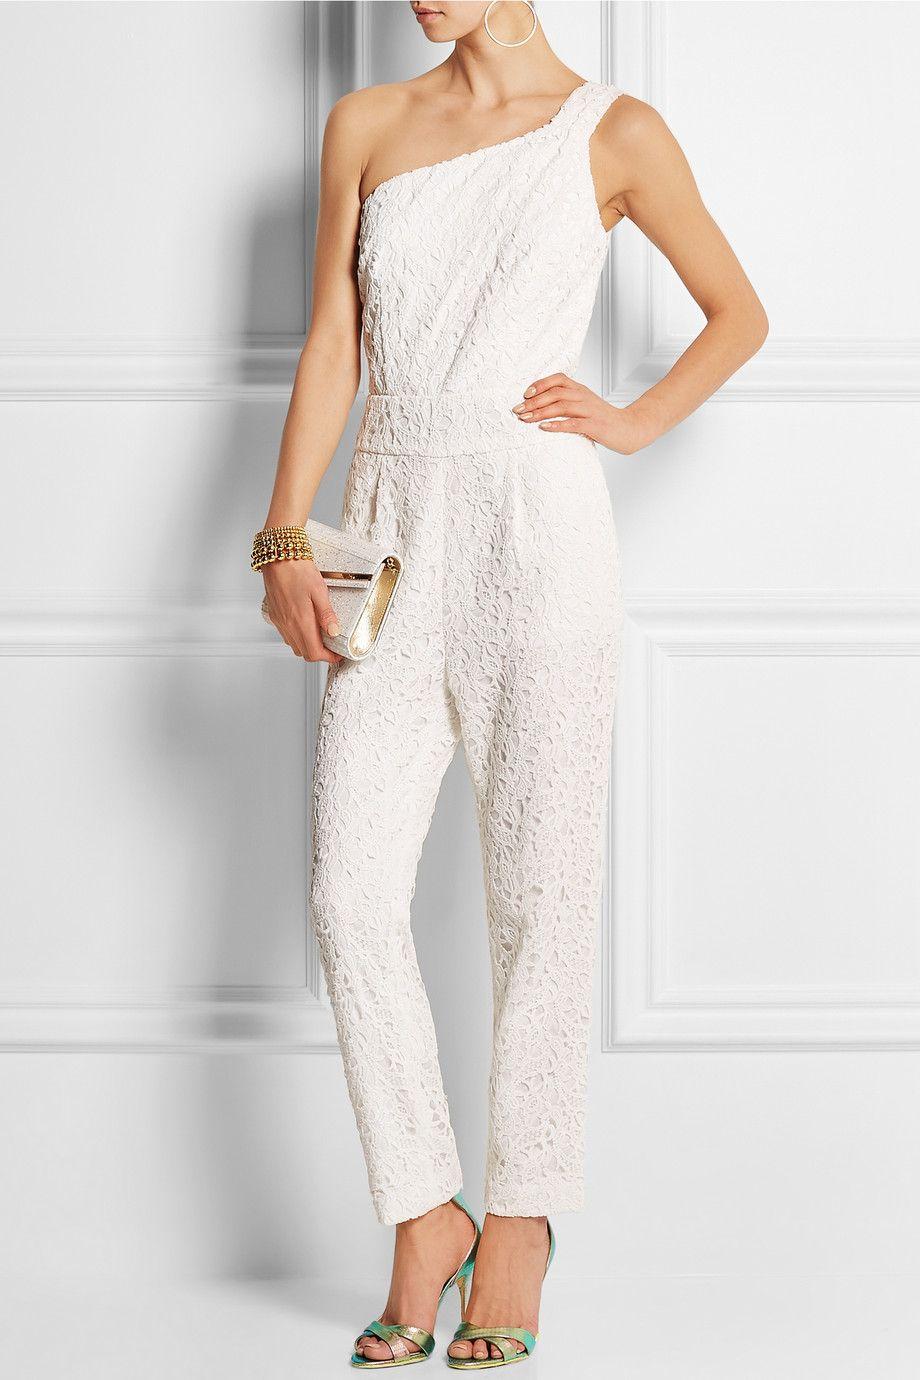 35fa6729b01c J.Crew - Nia Bridal one-shoulder floral-lace jumpsuit